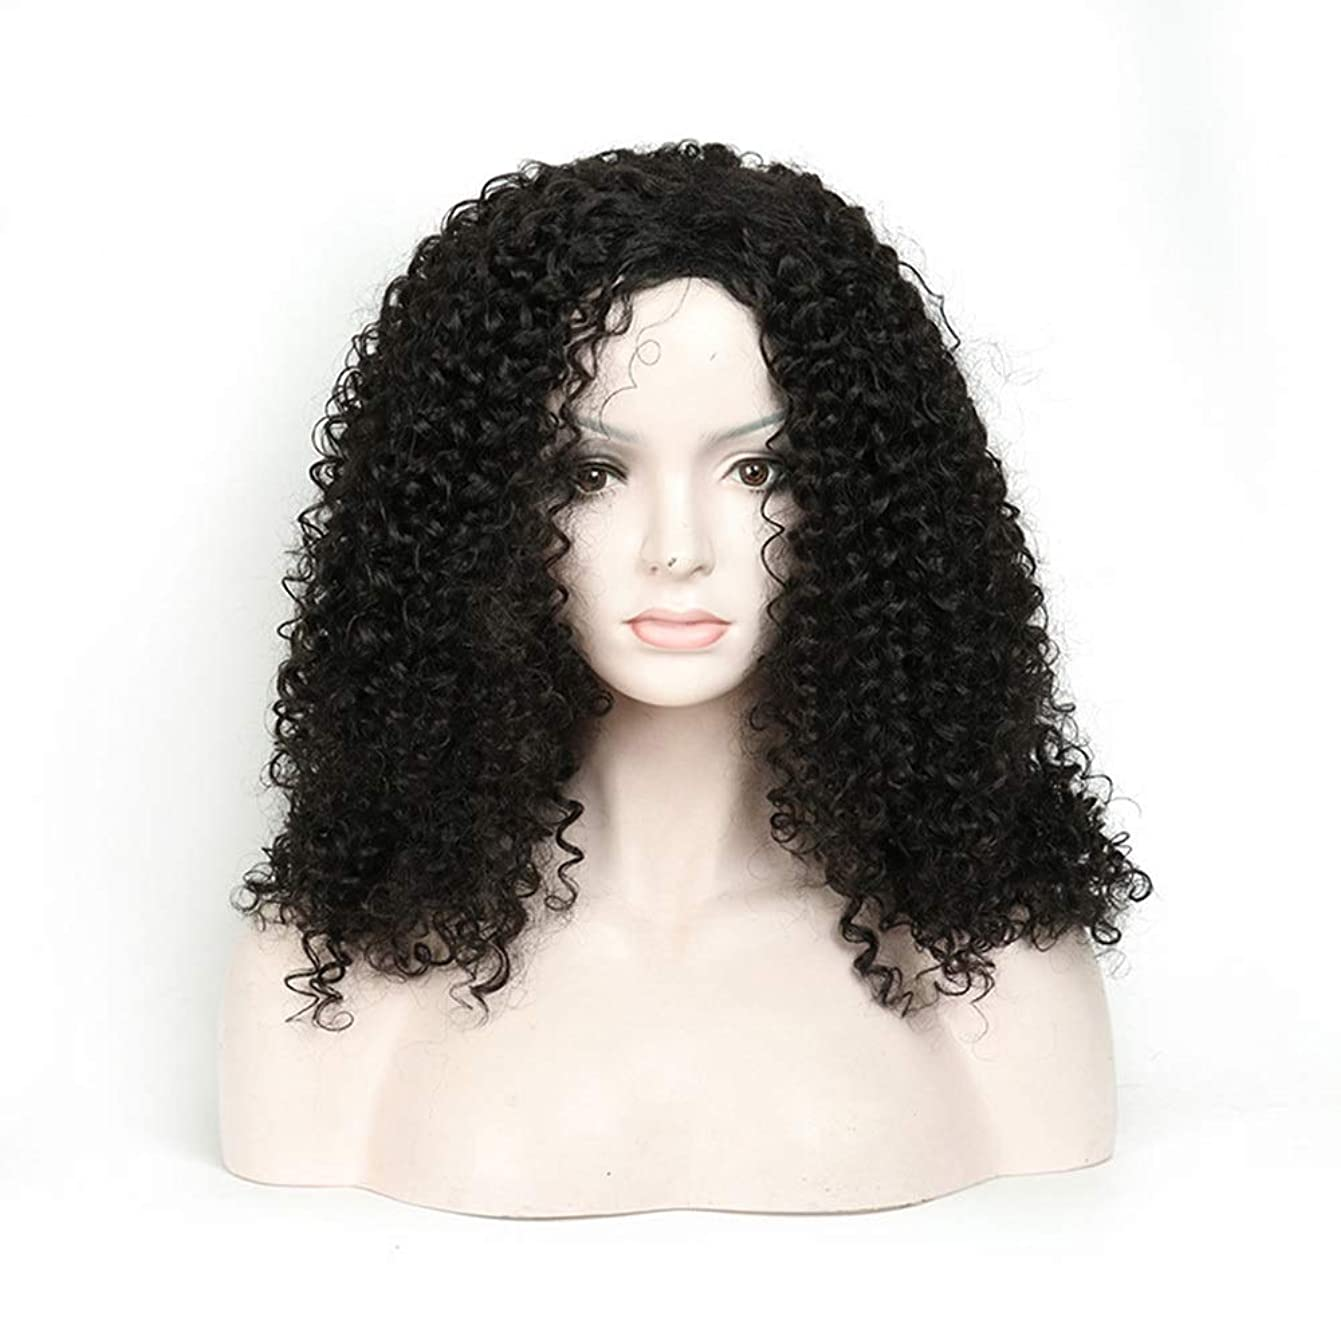 幸運グループ合理化Isikawan 長い巻き毛のかつら18インチ女性の毎日の服の人工毛のアフリカの黒 (色 : ブラック)